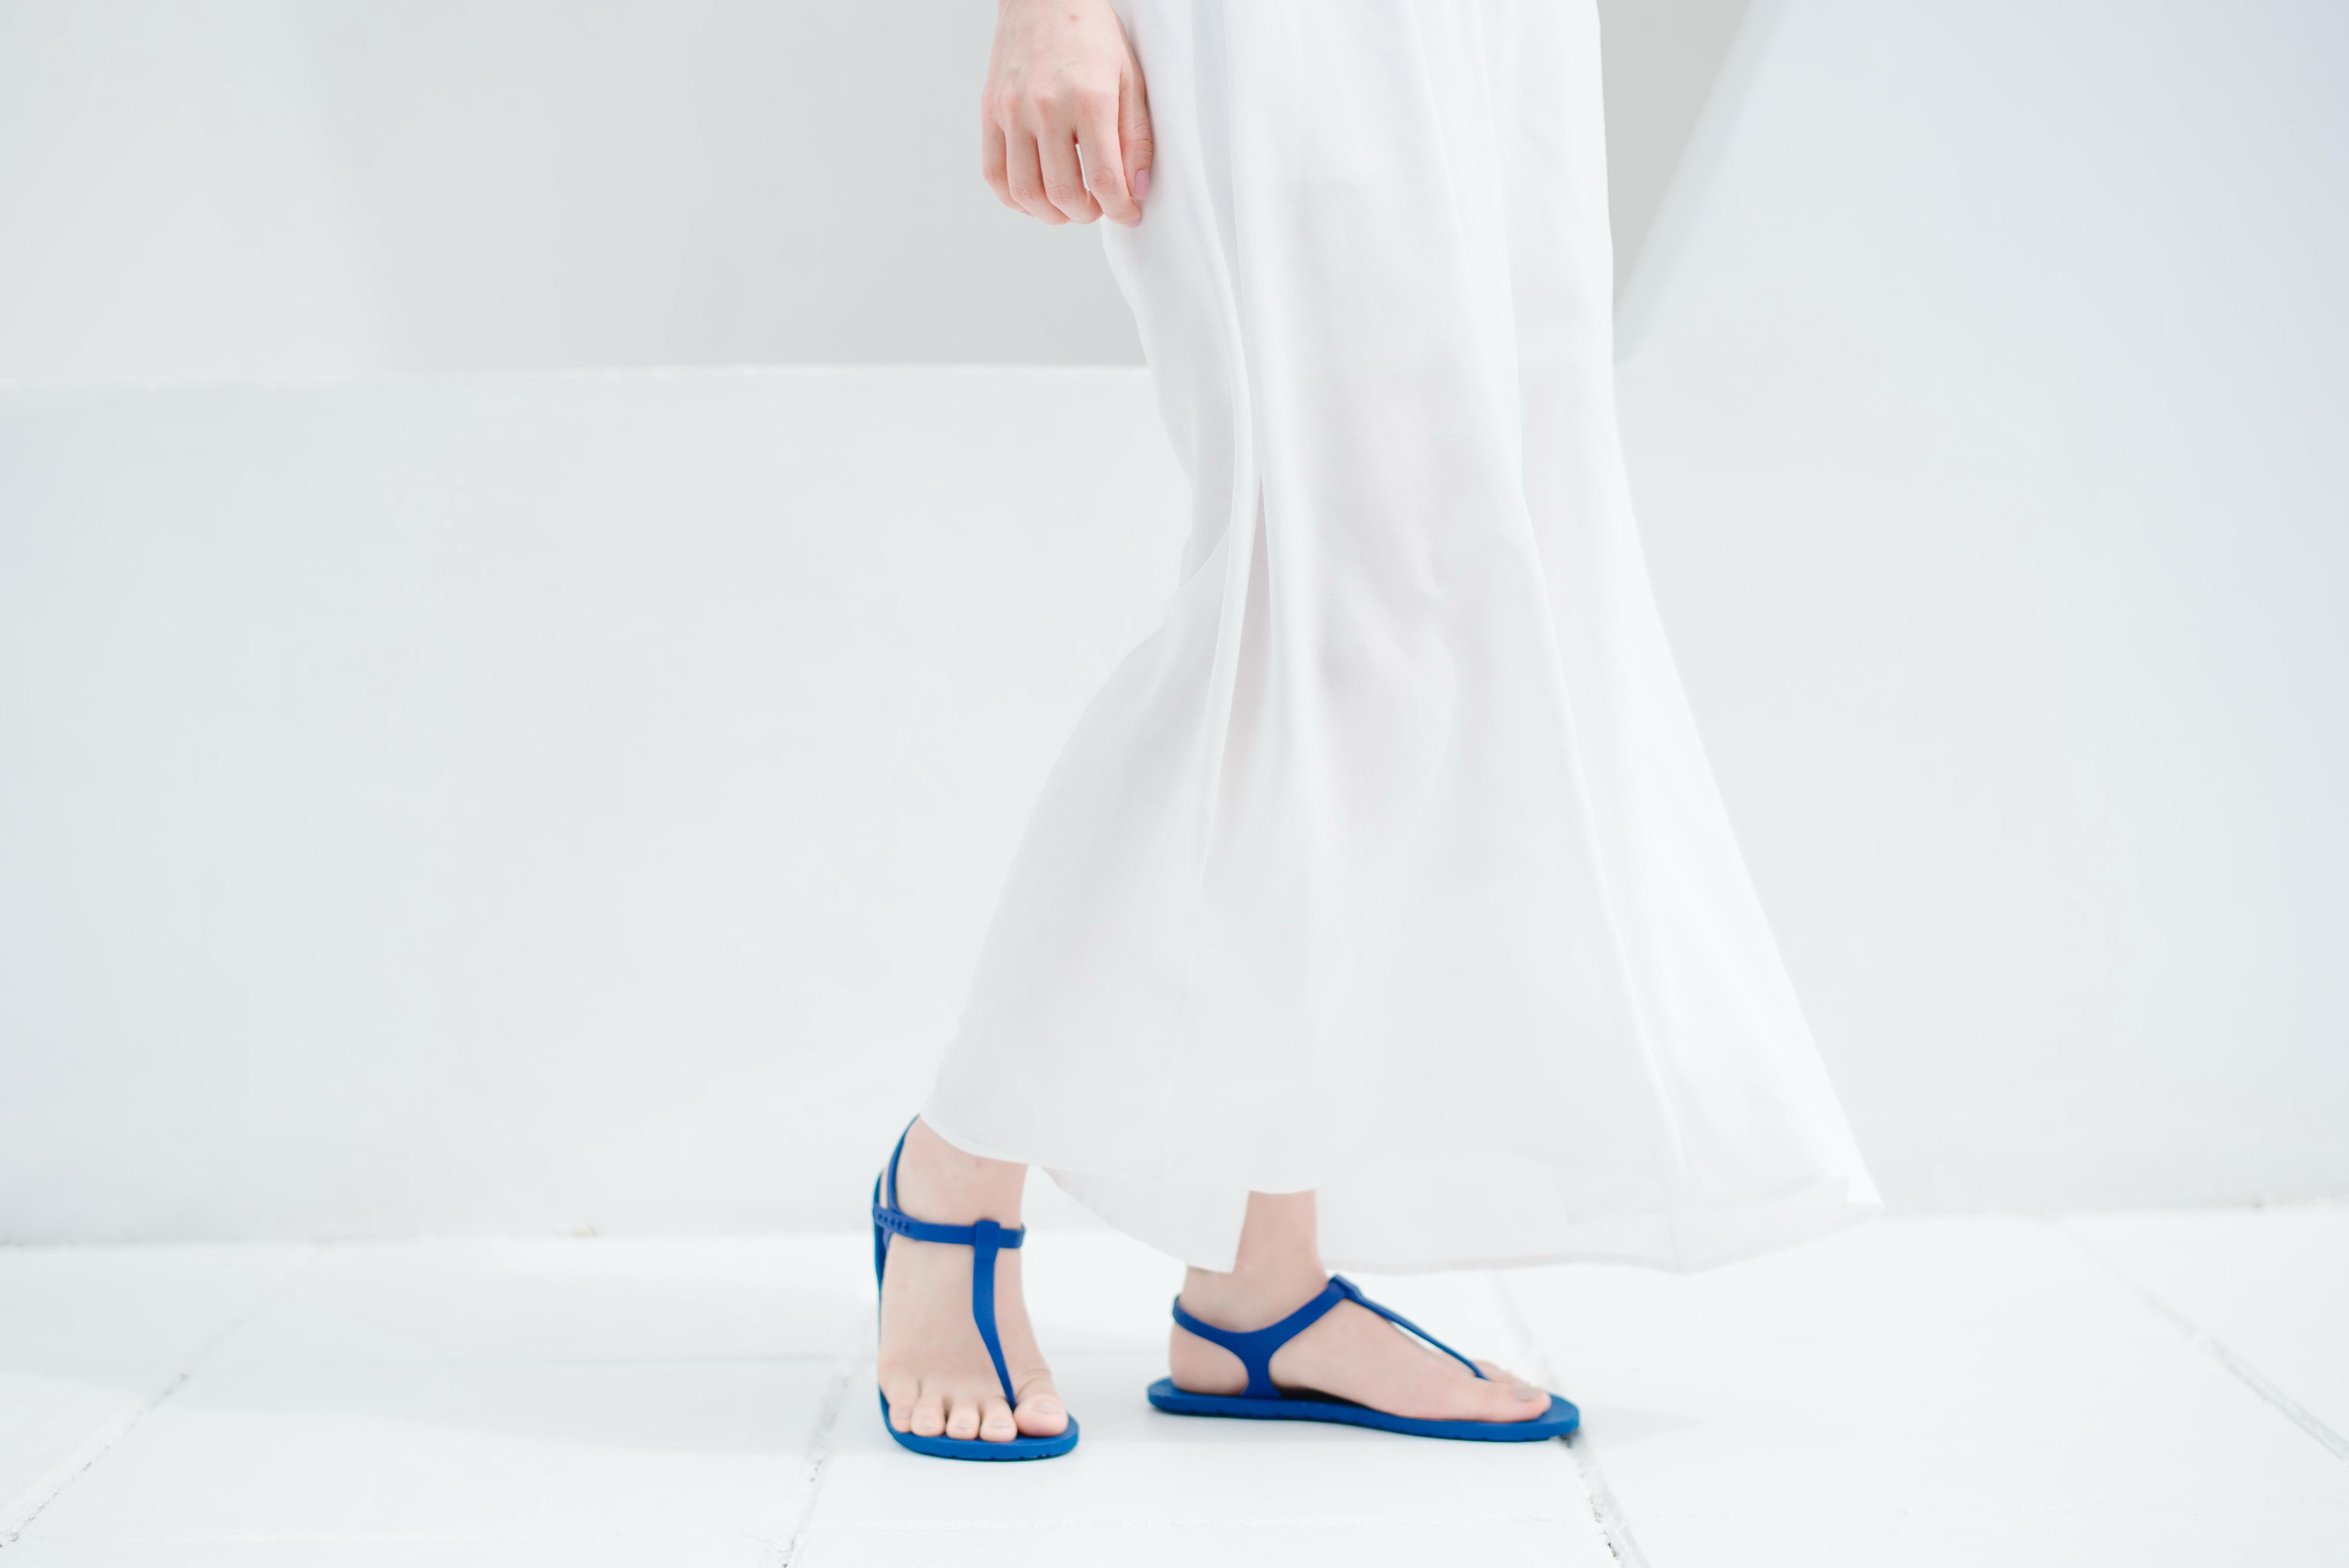 รองเท้า,รองเท้าแตะ,รองเท้าแตะรัดส้น,รองเท้ารัดส้น